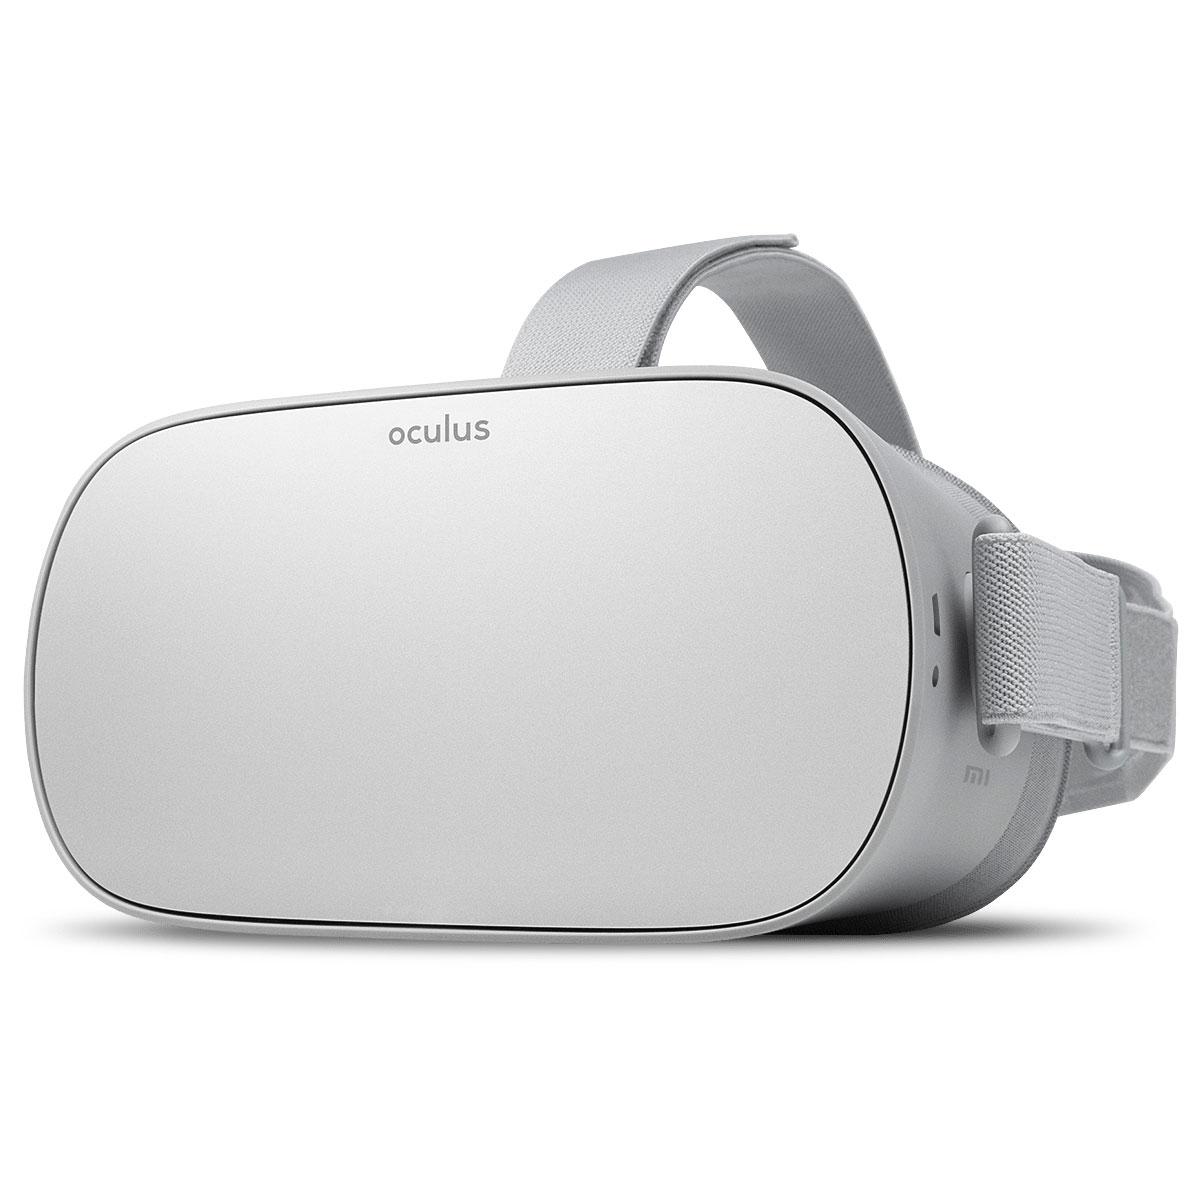 Casque Réalité Virtuelle Oculus GO 32 Go Casque de réalité virtuelle autonome sans PC ni Smartphone avec Manette sans fil et 32 Go de stockage